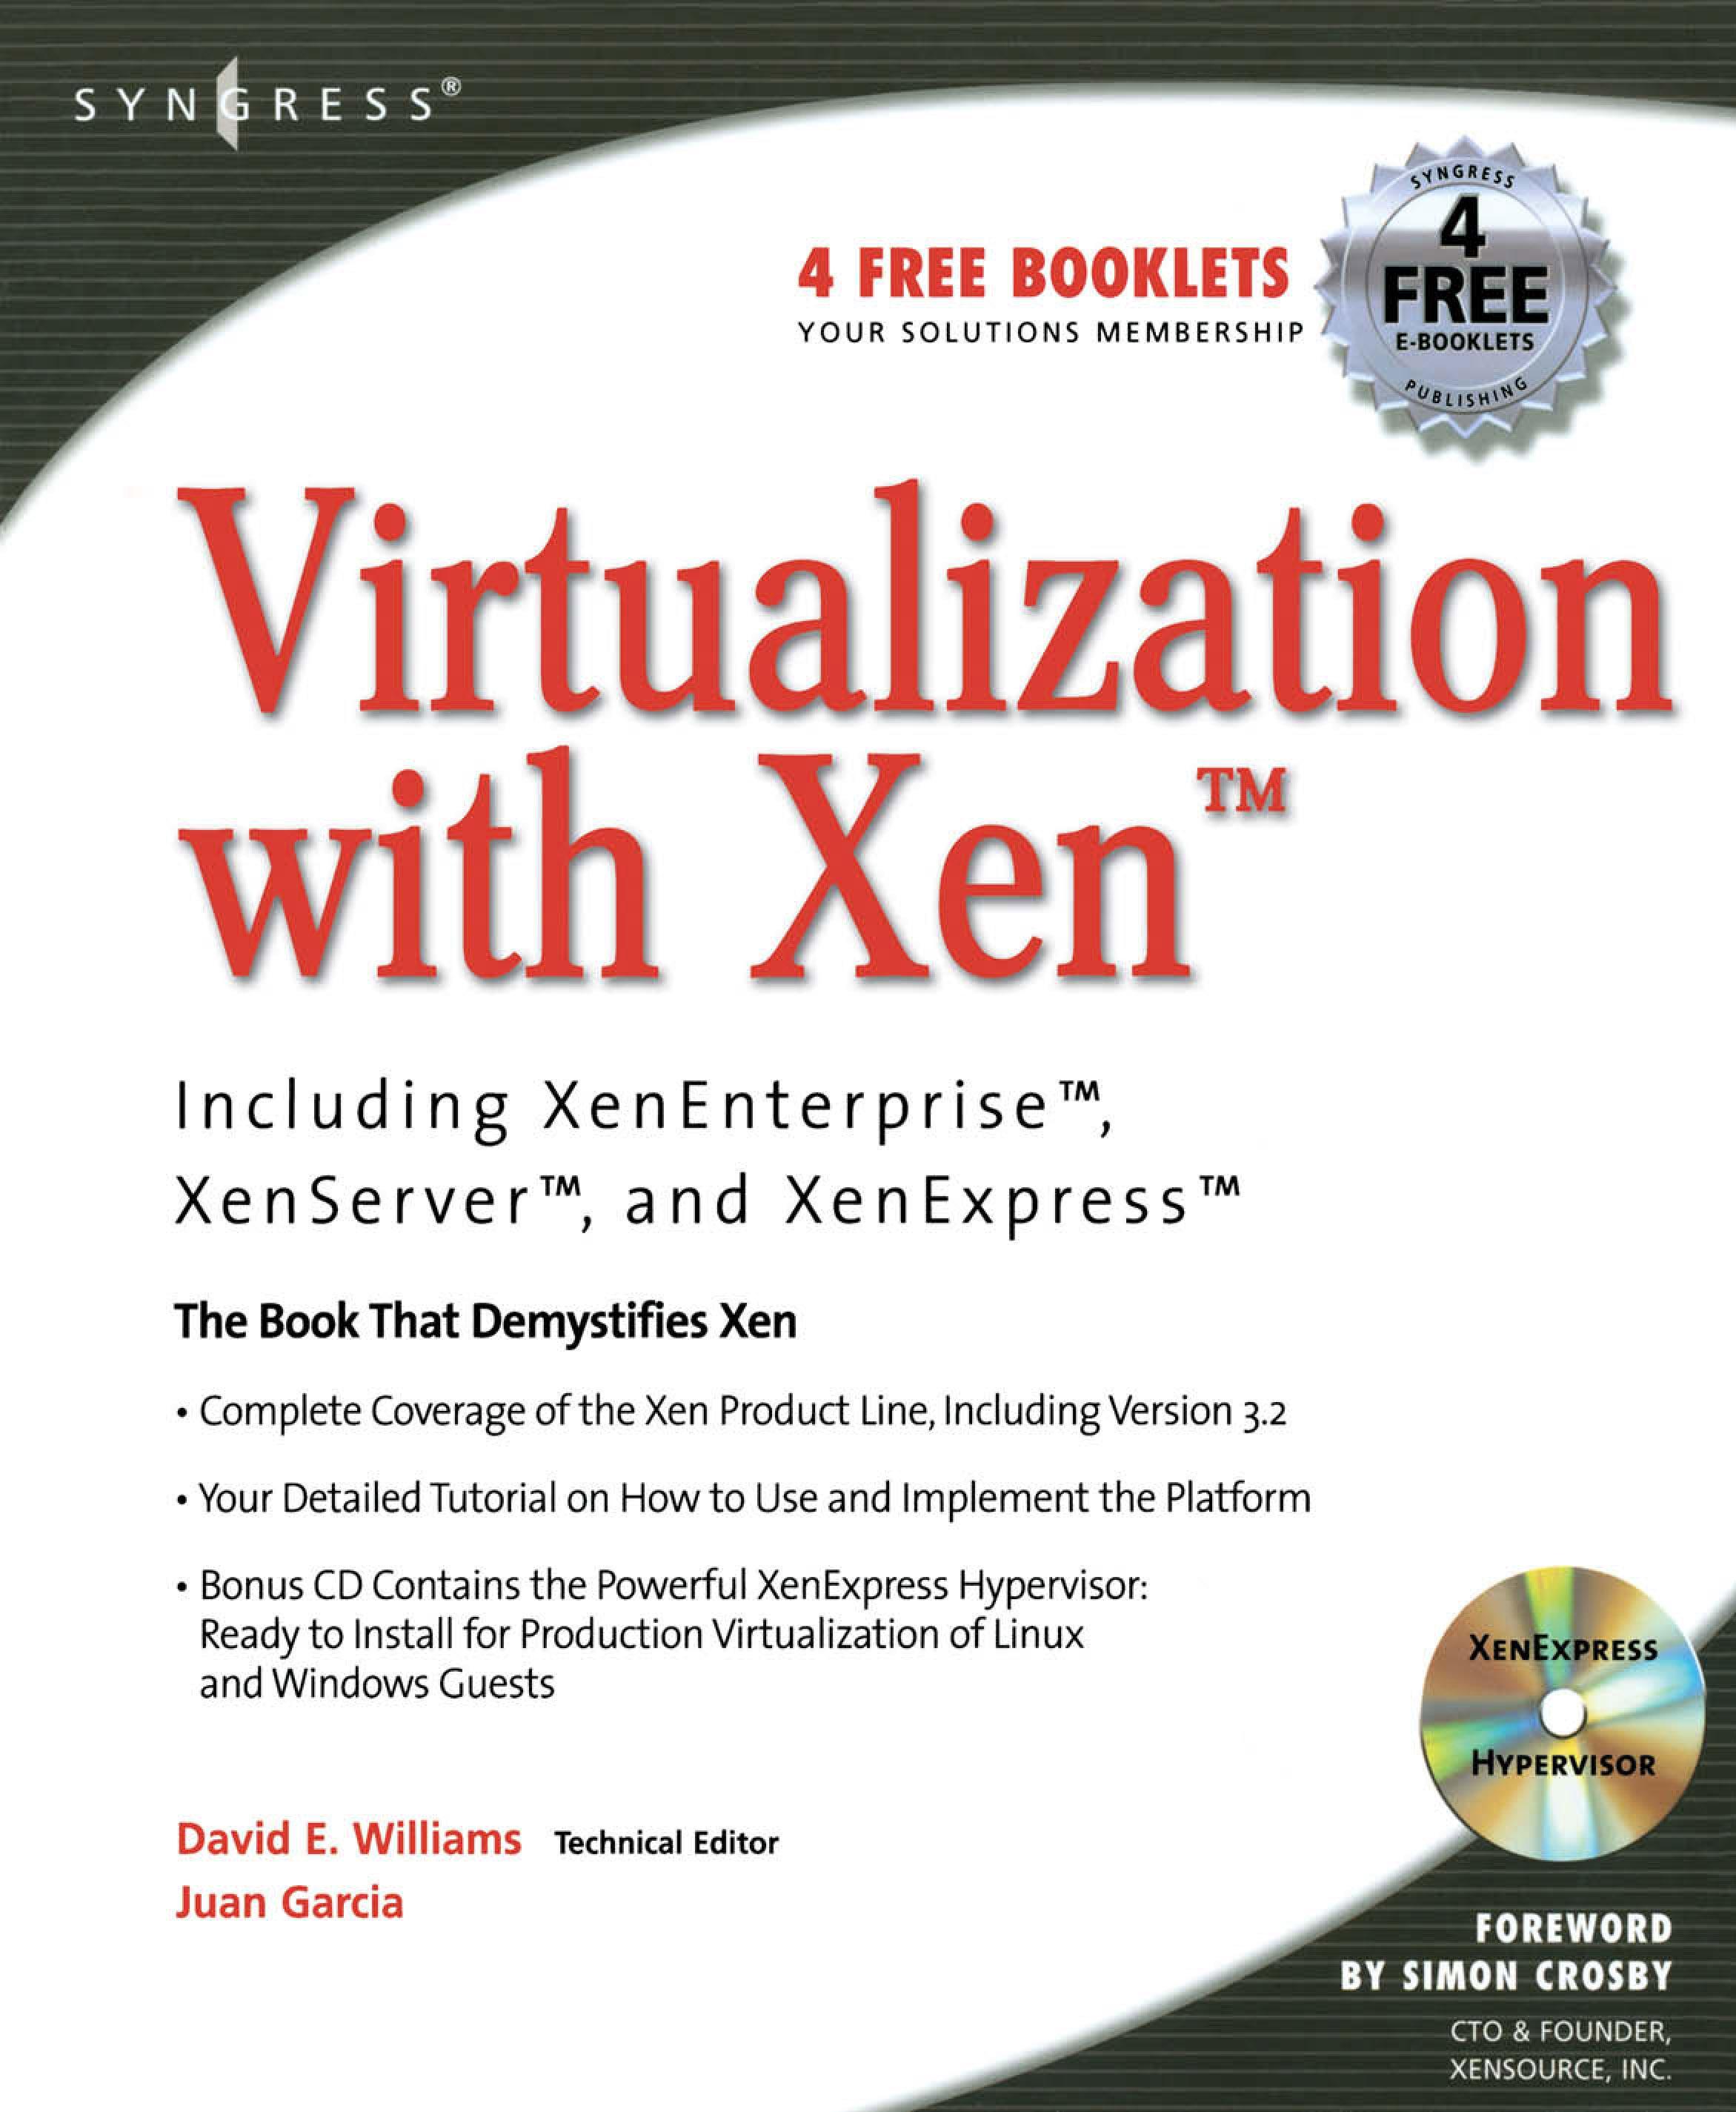 Virtualization with Xen(tm): Including XenEnterprise, XenServer, and XenExpress: Including XenEnterprise, XenServer, and XenExpress